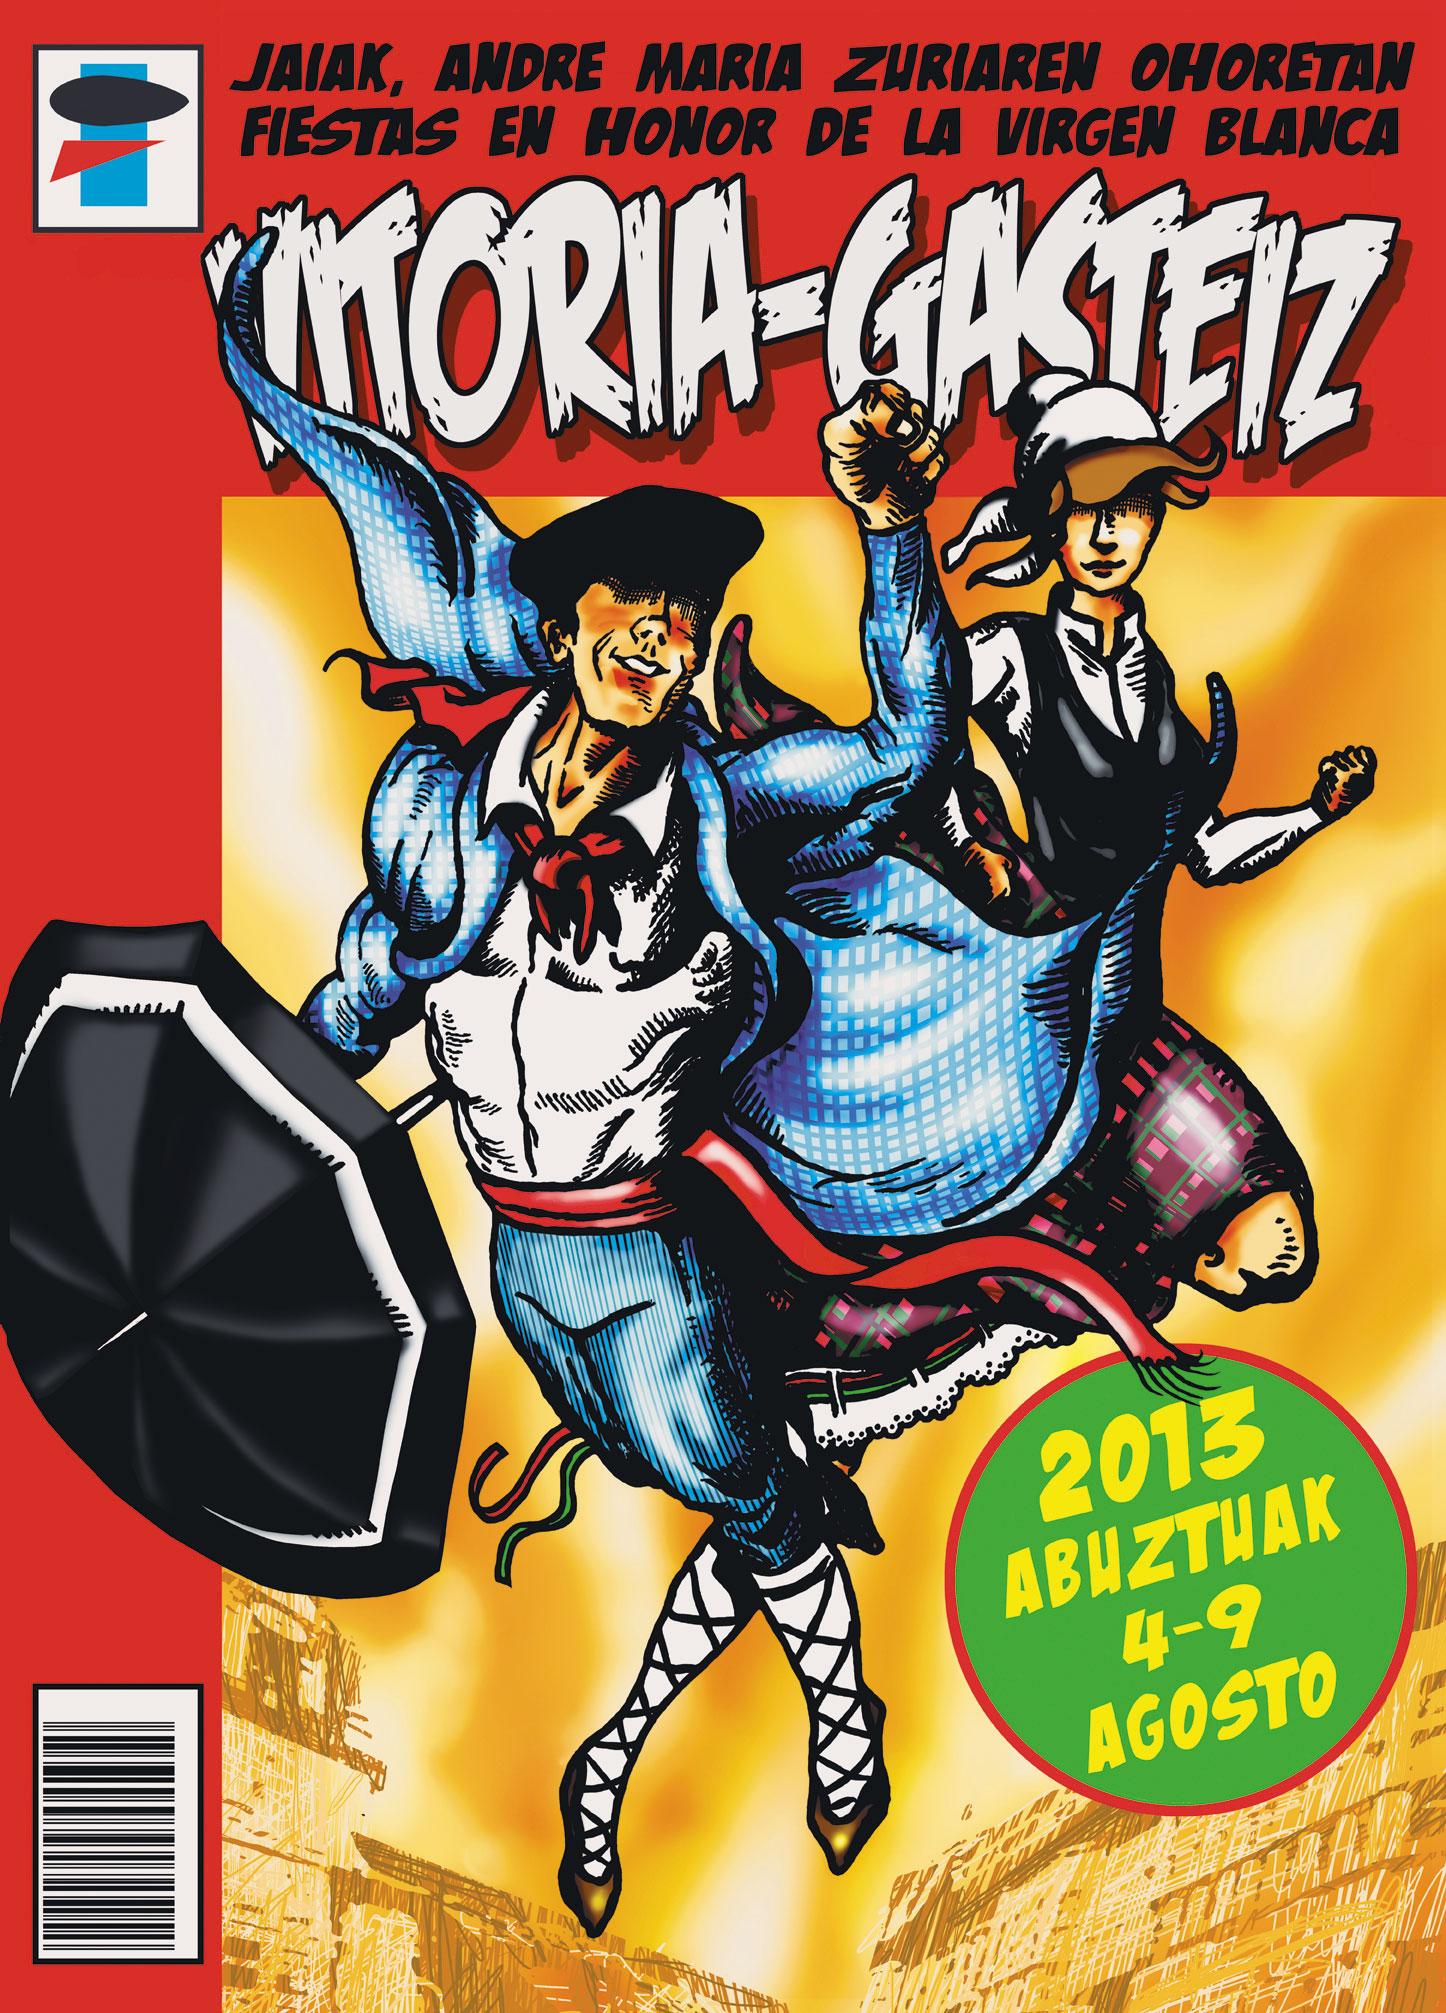 Cartel anunciador de las fiestas de Gasteiz 2013